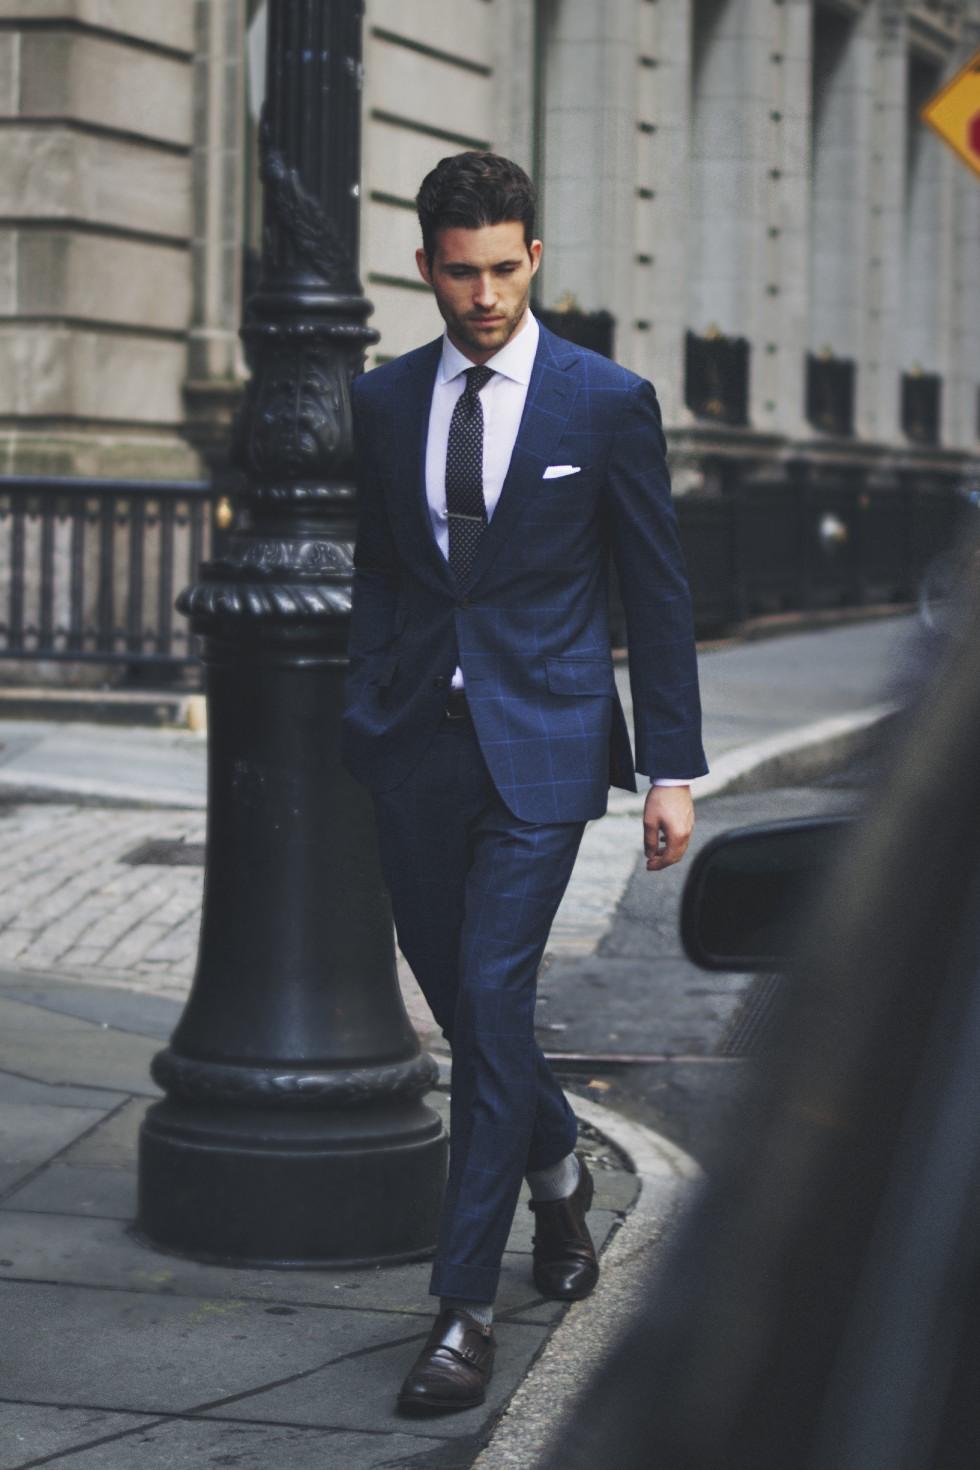 Classic Gentleman 8